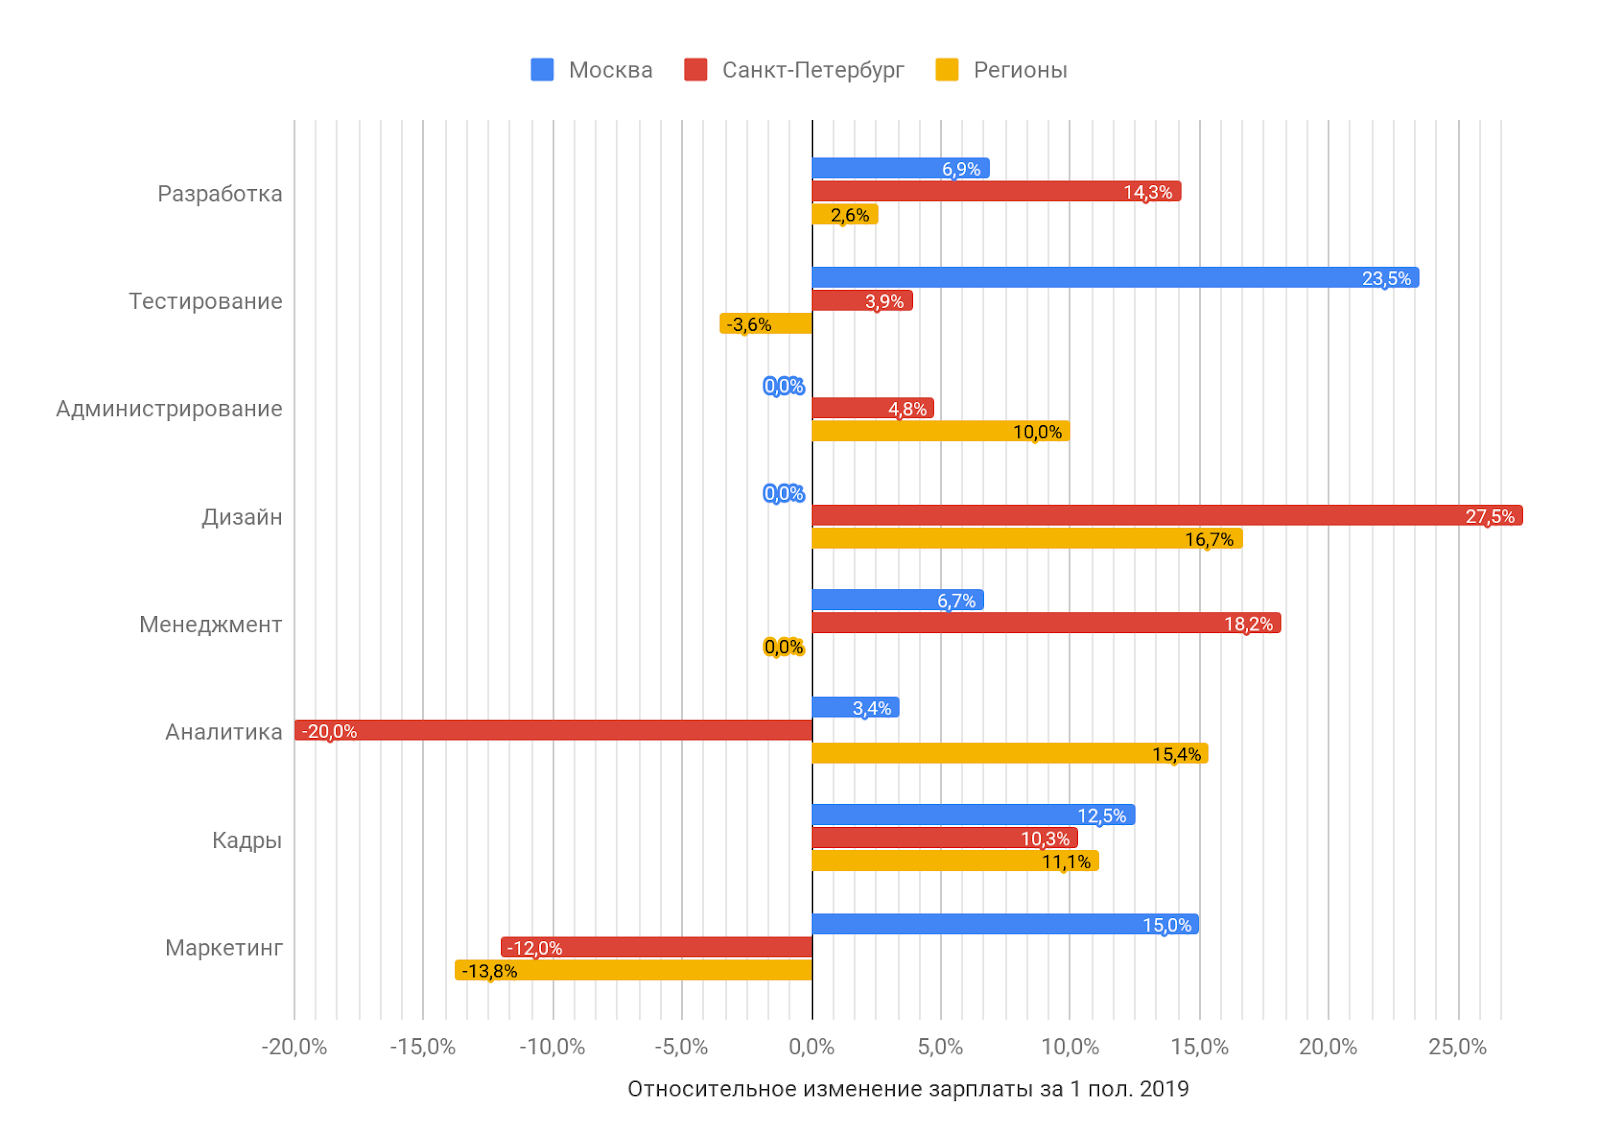 Зарплаты в ИТ в первом полугодии 2019 года: по данным калькулятора зарплат «Моего круга» - 6